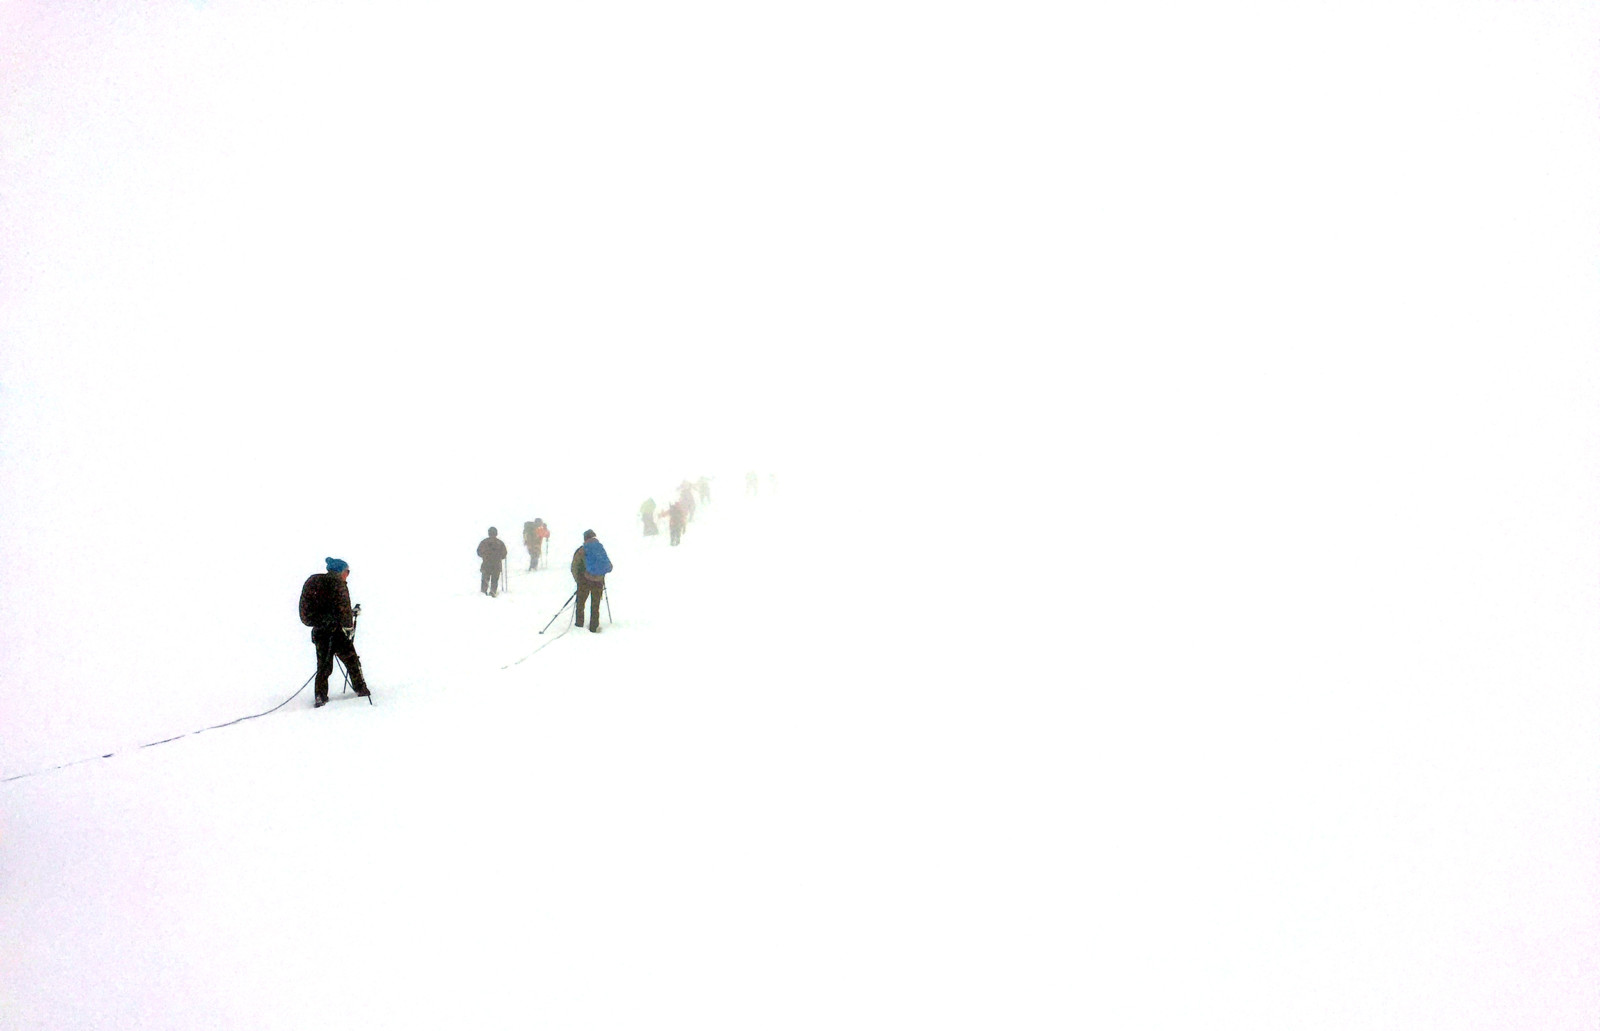 Die Sicht wird schlechter. Ohne GPS findet man jetzt den Weg zum Gipfel nicht mehr.